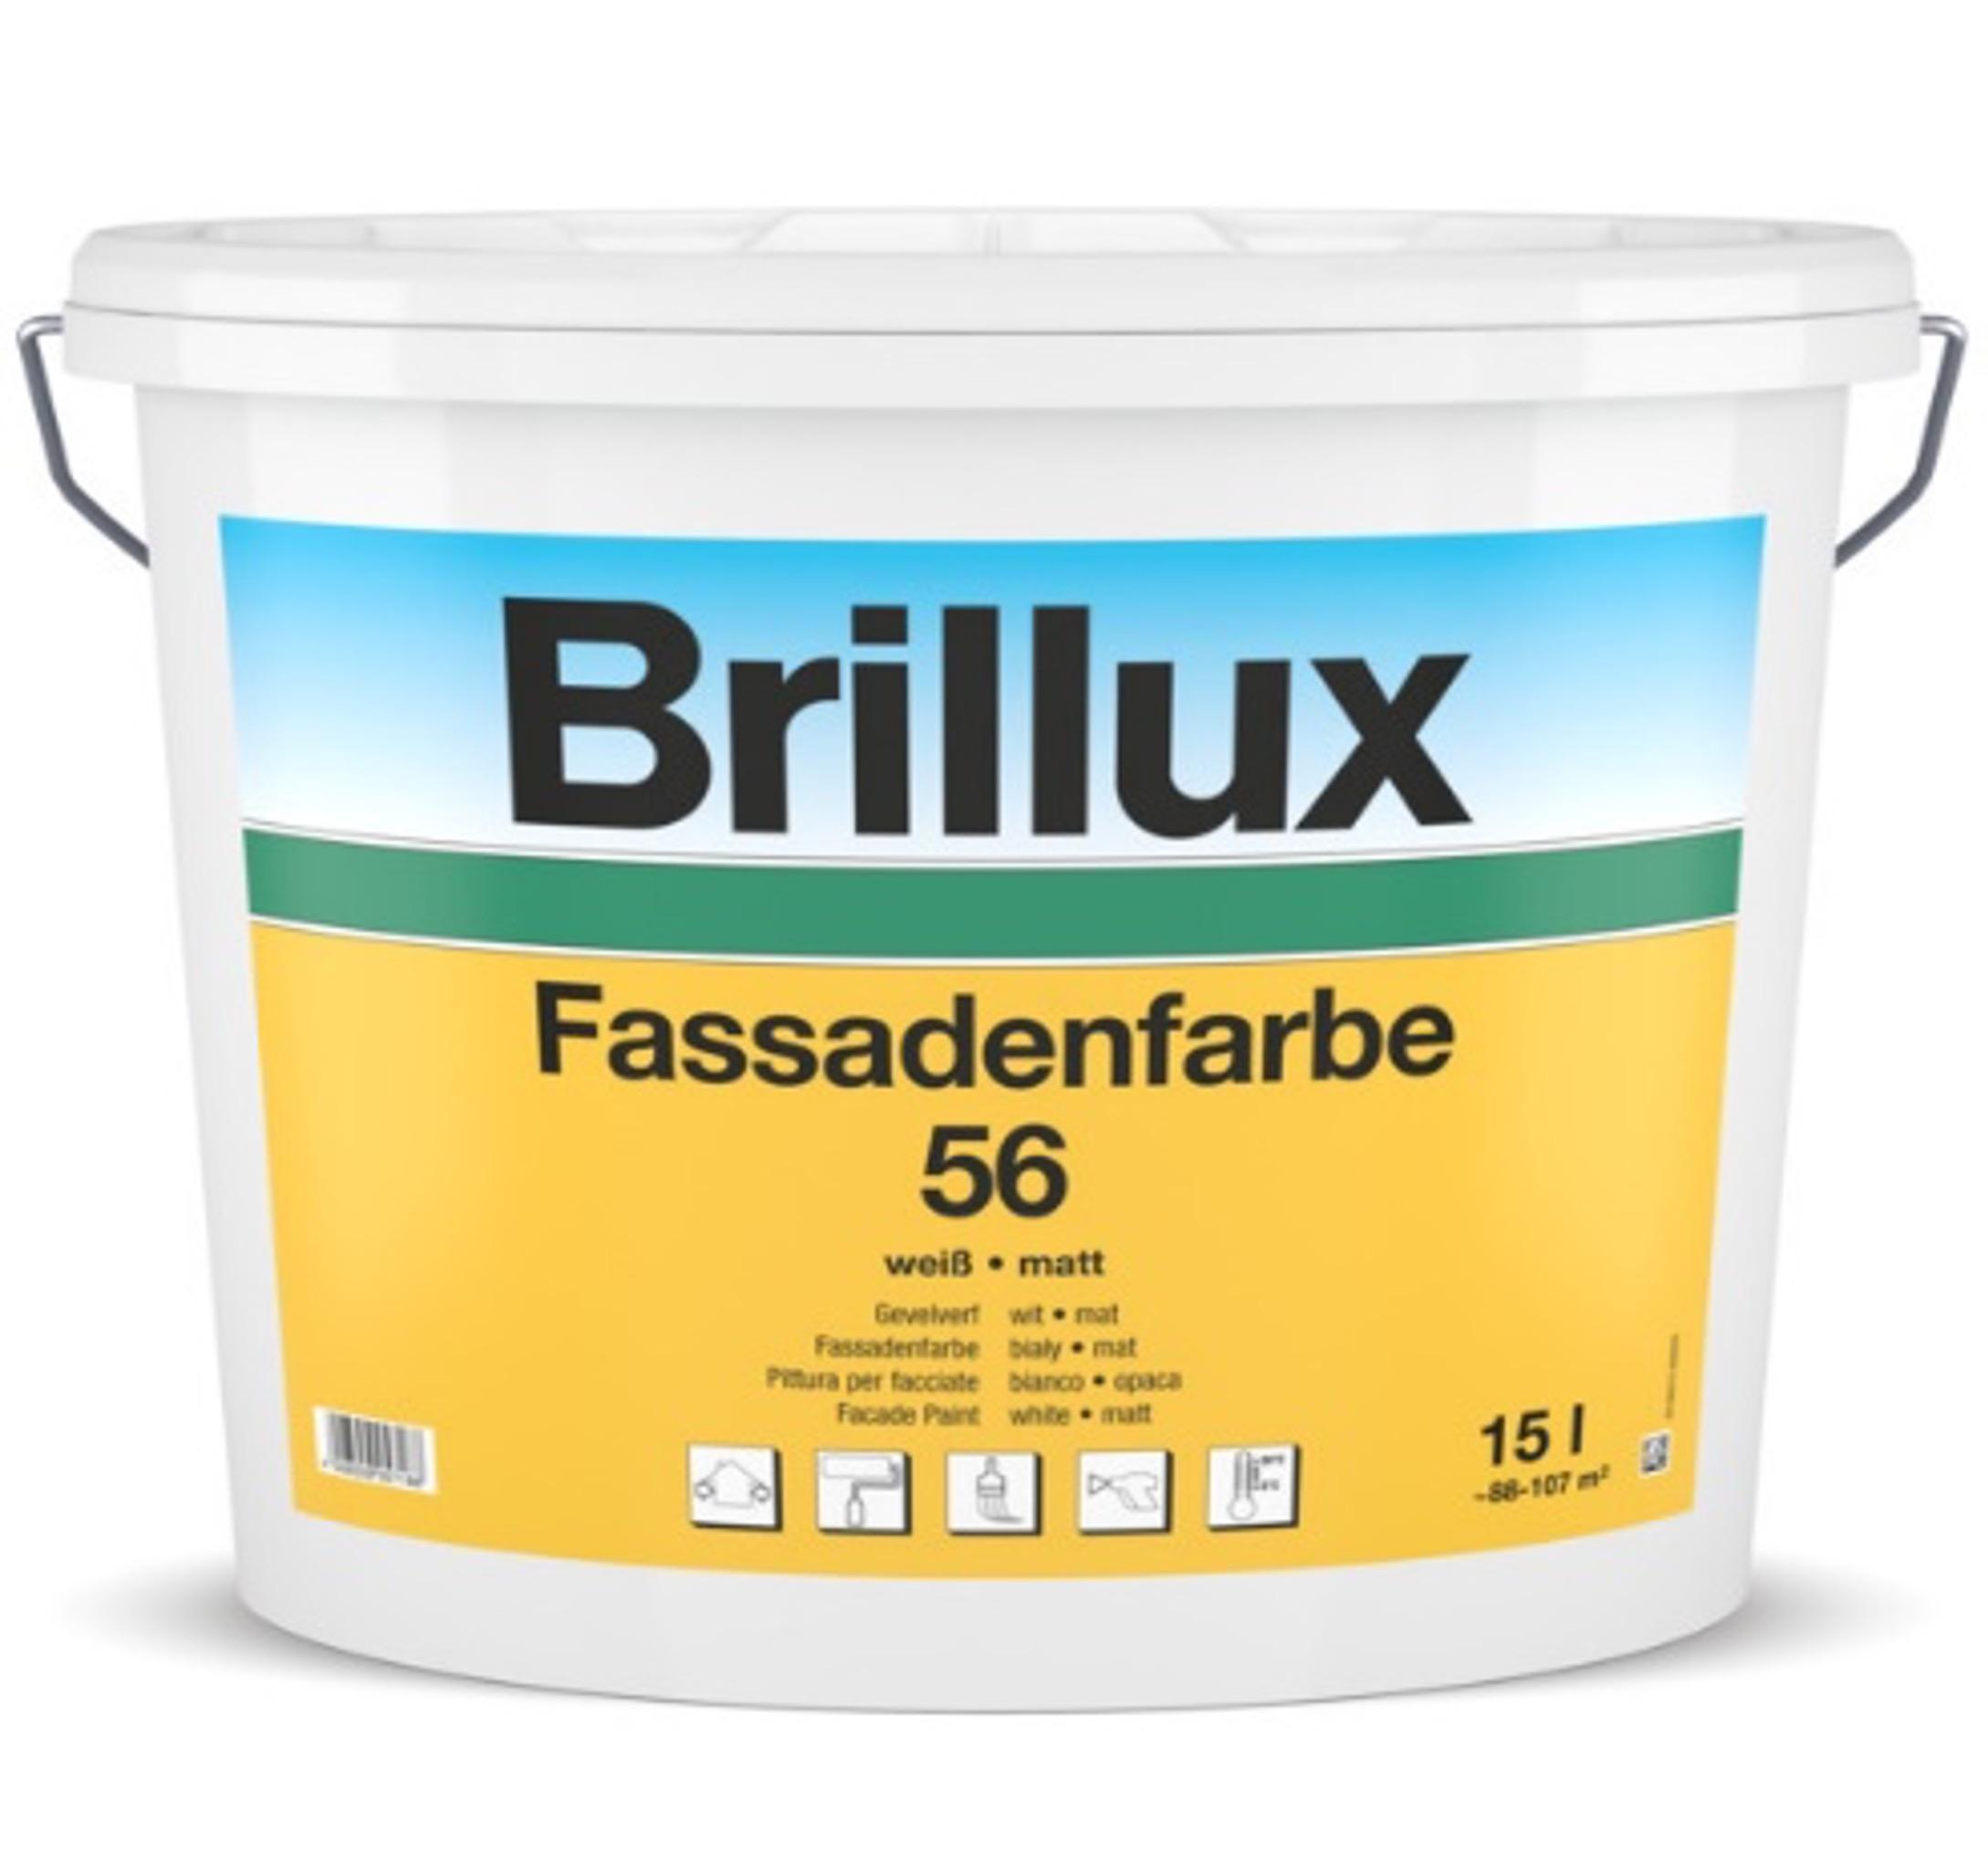 Brillux Fassadenfarbe 56 Fassadenfarbe Image